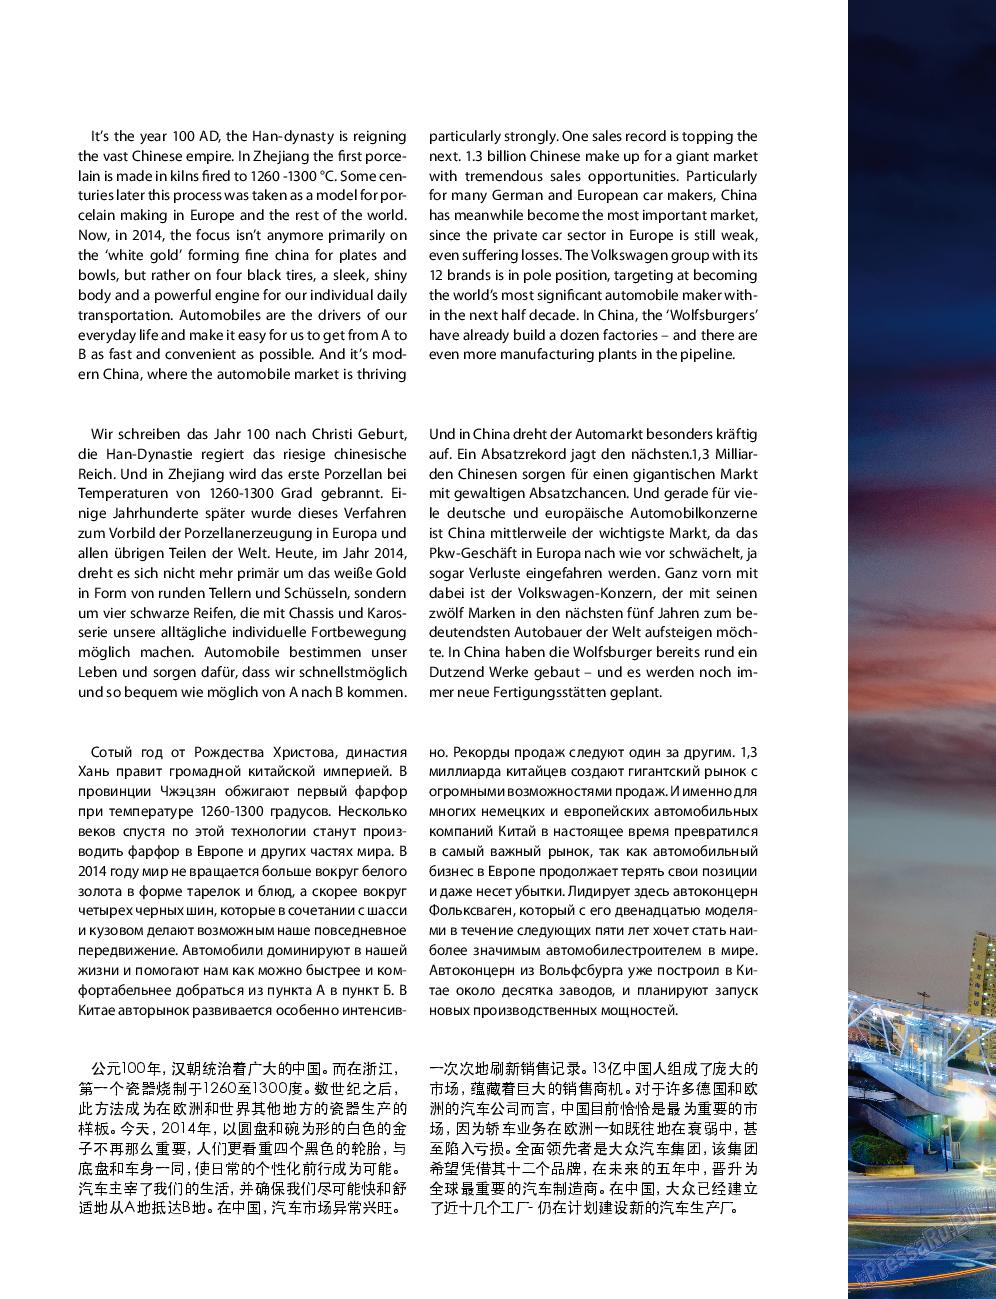 Клан (журнал). 2014 год, номер 6, стр. 84